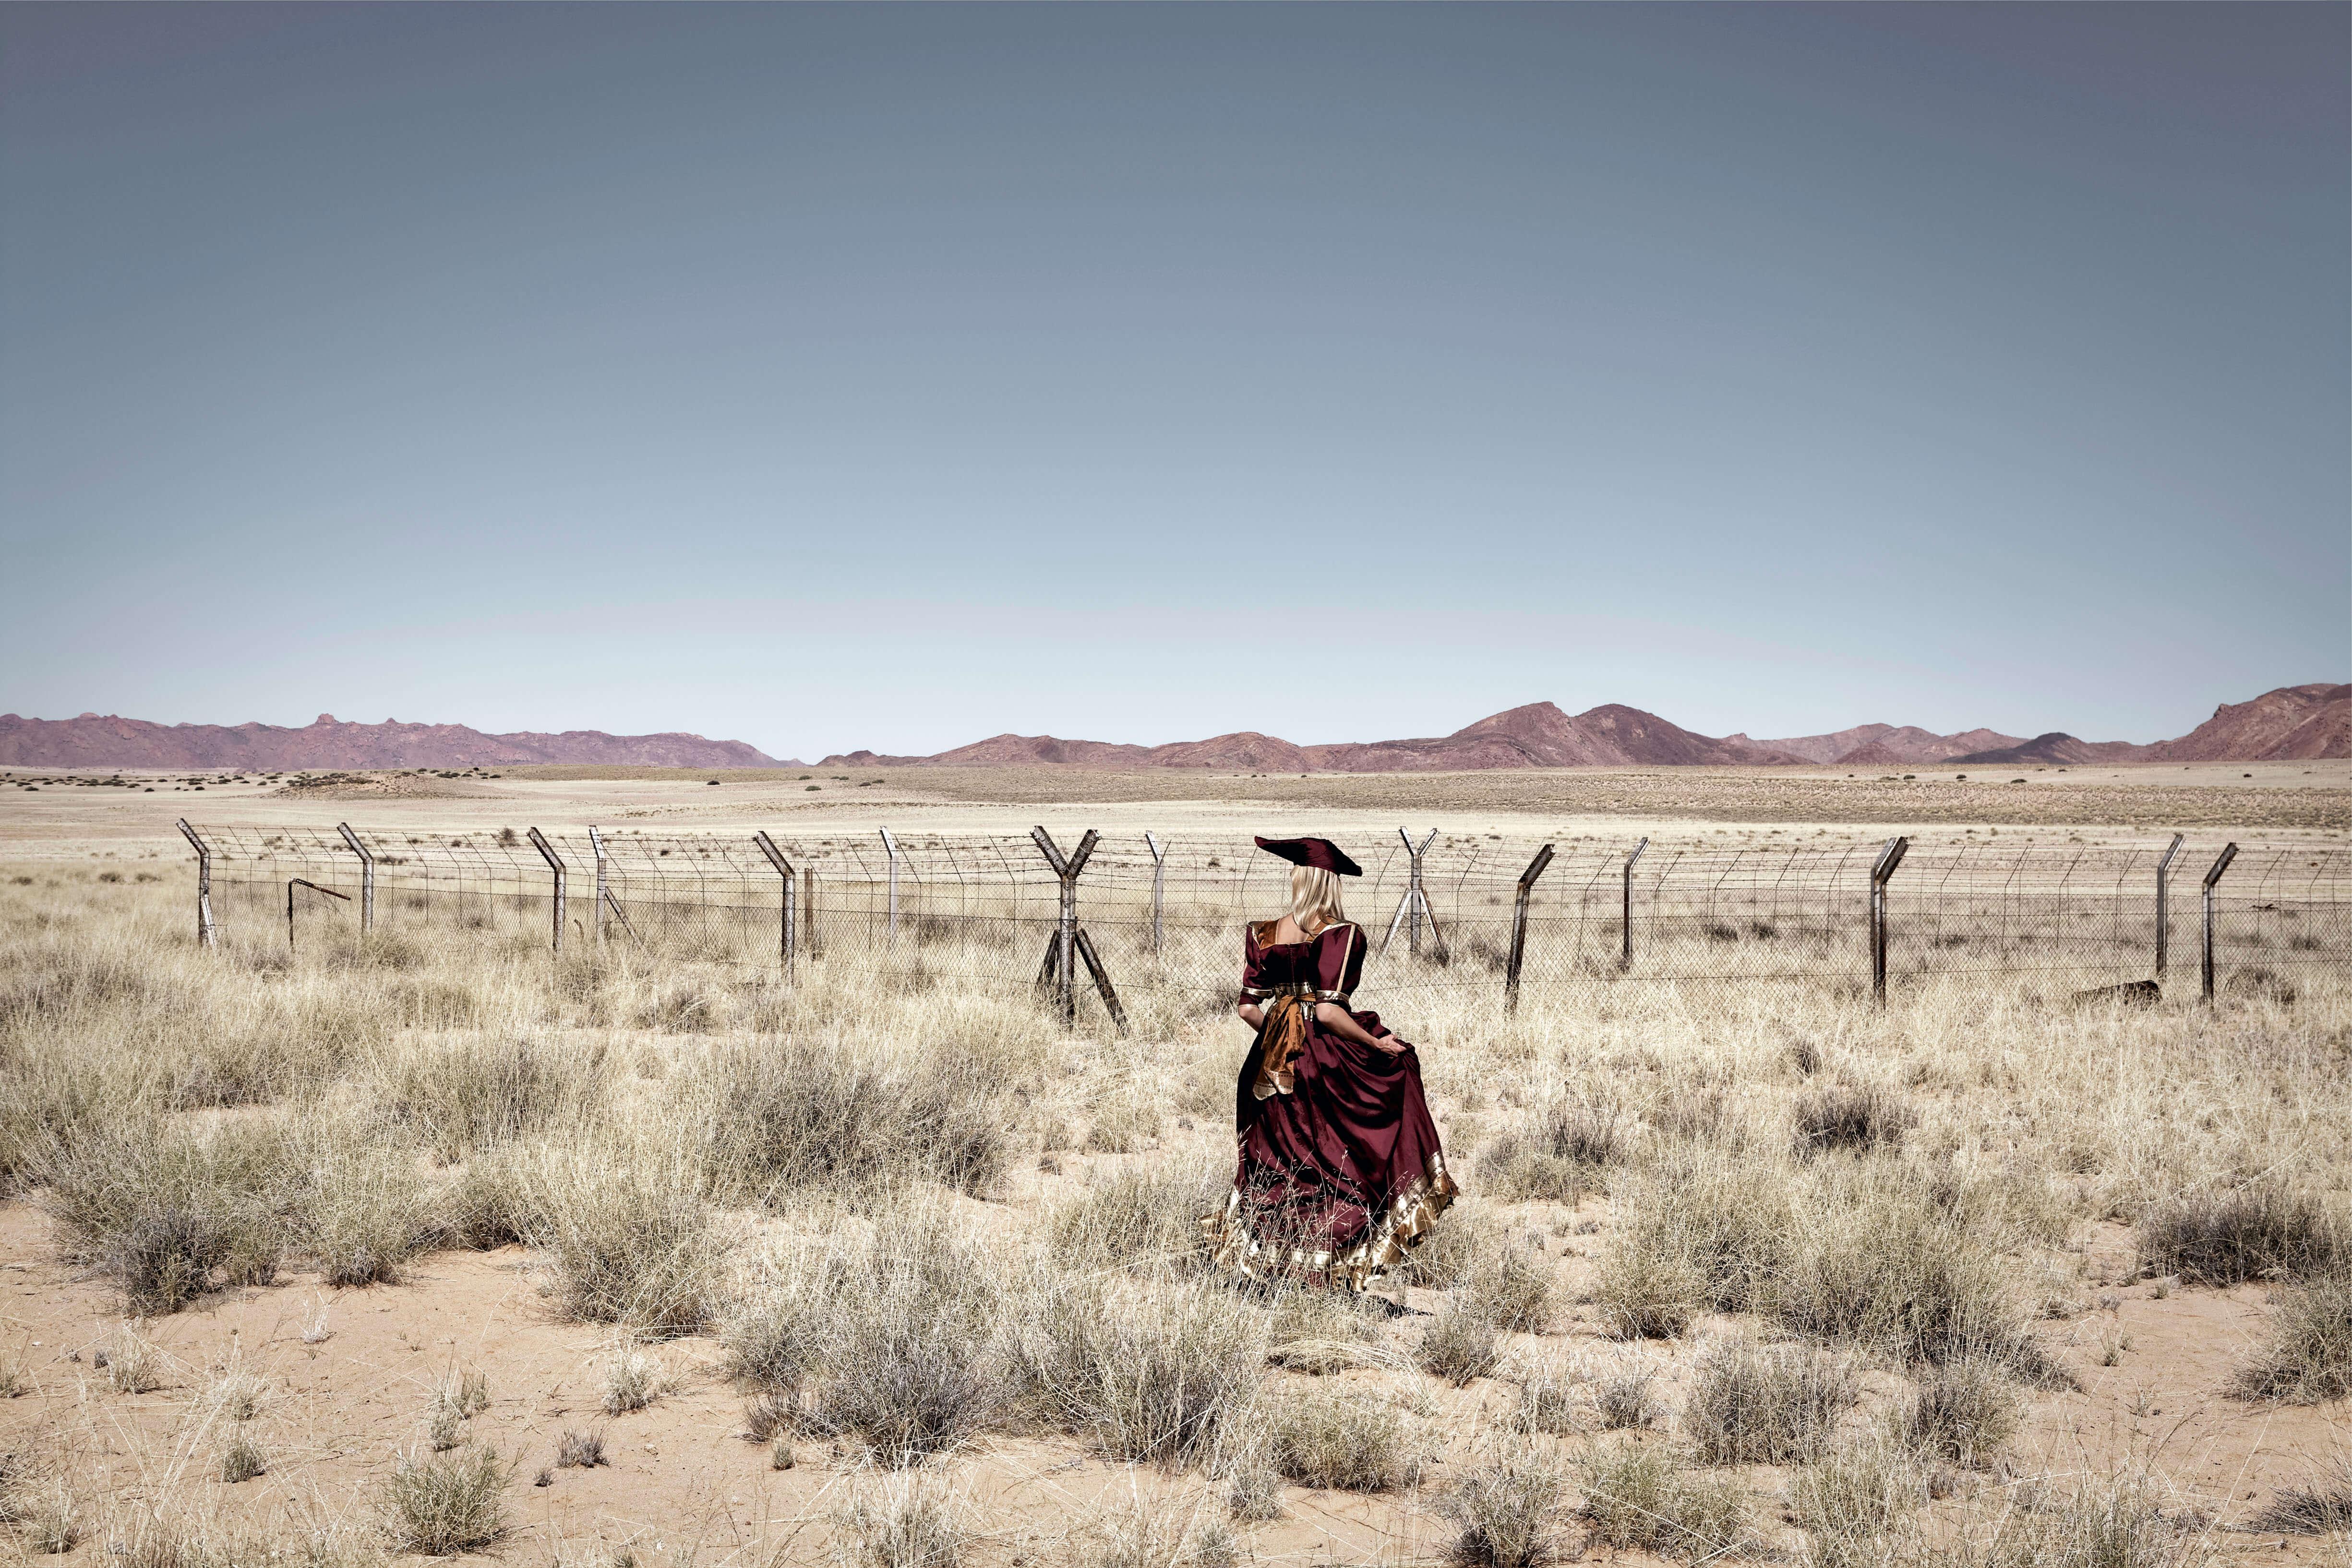 Nicola Brandt, The Return, En route to !Nami≠nüs/Lüderitz, Namibia (2012), Digital Pigment Print, 73 x 100cm (paper size); 60 x 90cm (photo size), Edition of 3 + 2AP.